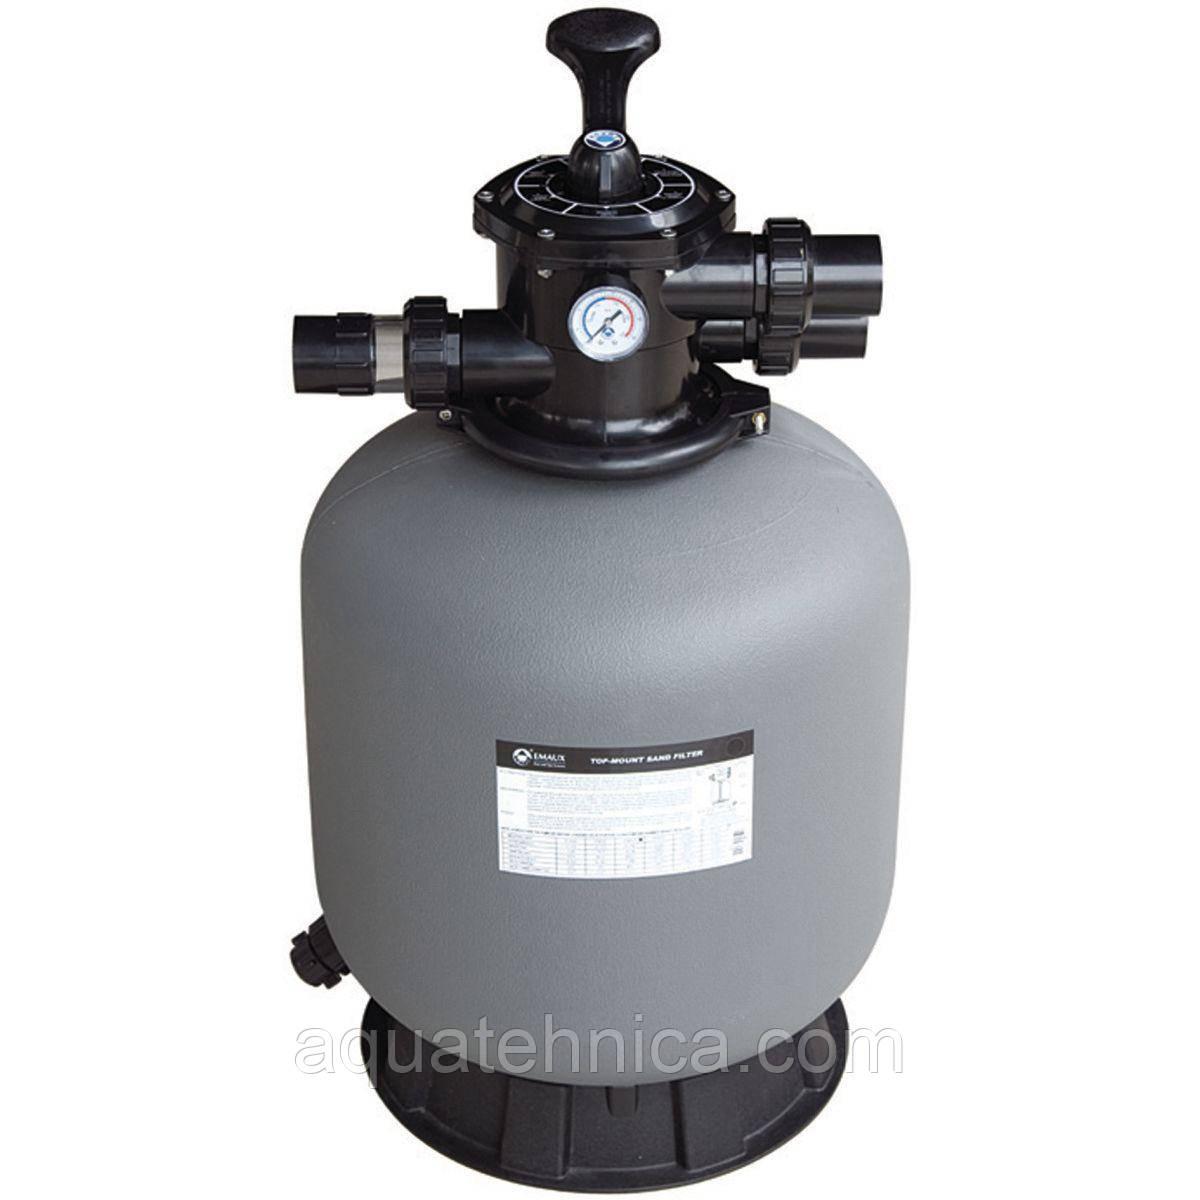 Фильтр песочный для бассейна Emaux P650 D627мм, 15,3м3\ч, верхнее подключение